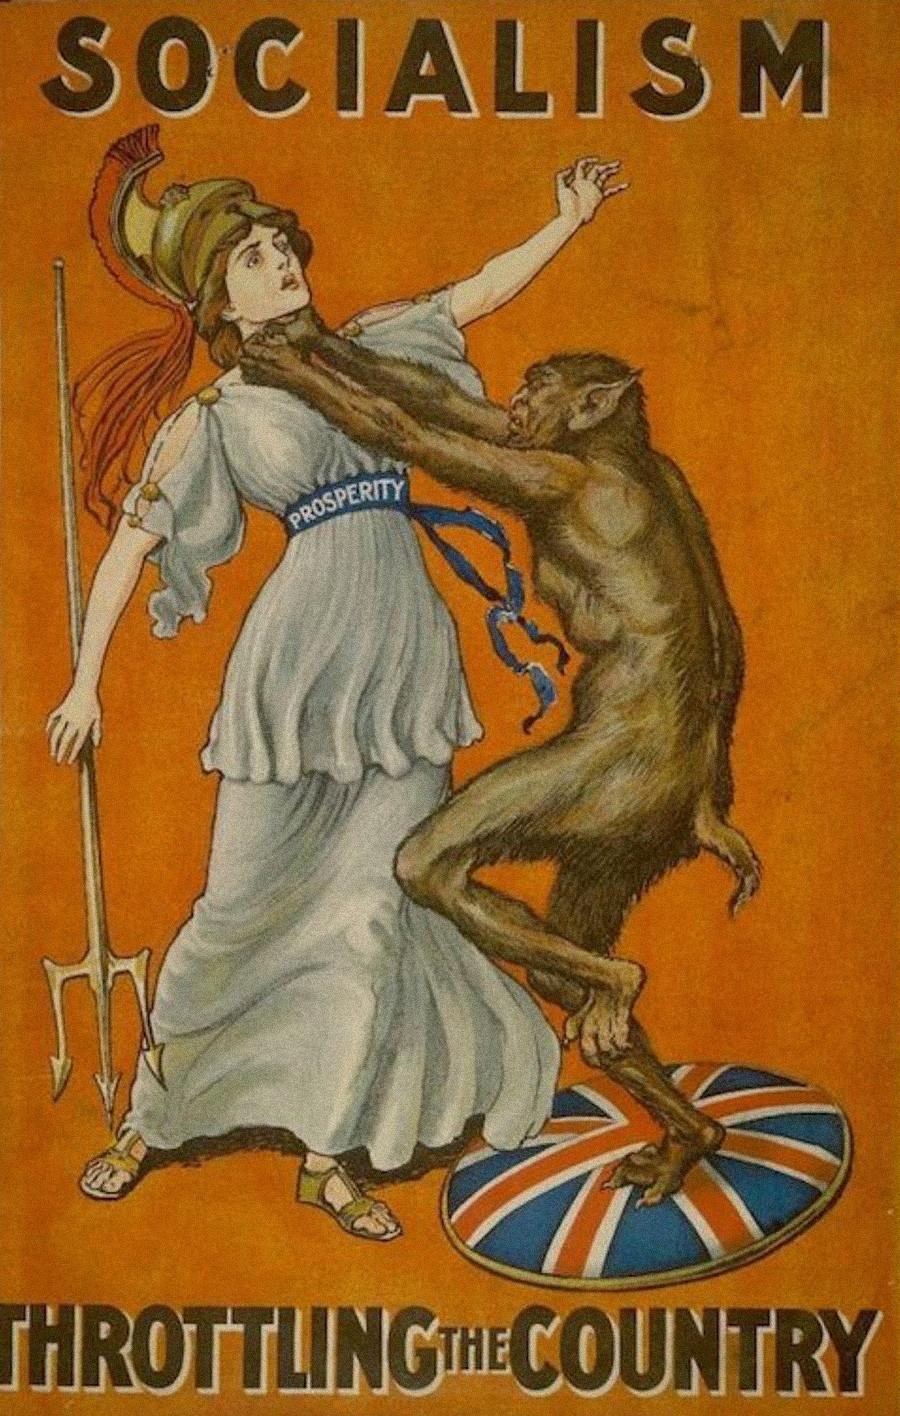 Cette affiche dépeint le socialisme comme une créature diabolique tentant d'étrangler la prospérité.